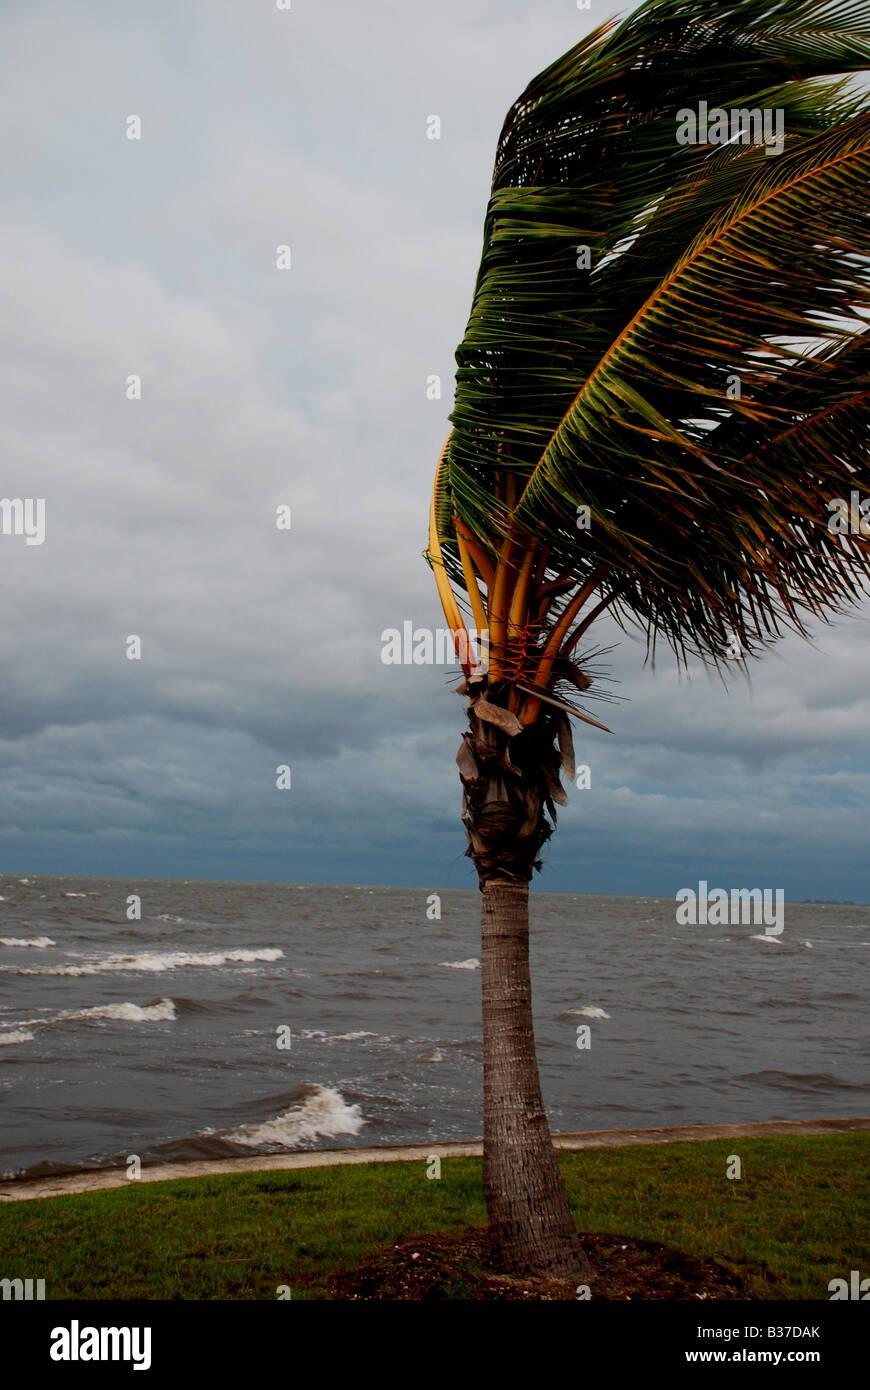 Eine Palme im Wind während der Tropensturm FAY SW Florida August 2008 Stockbild